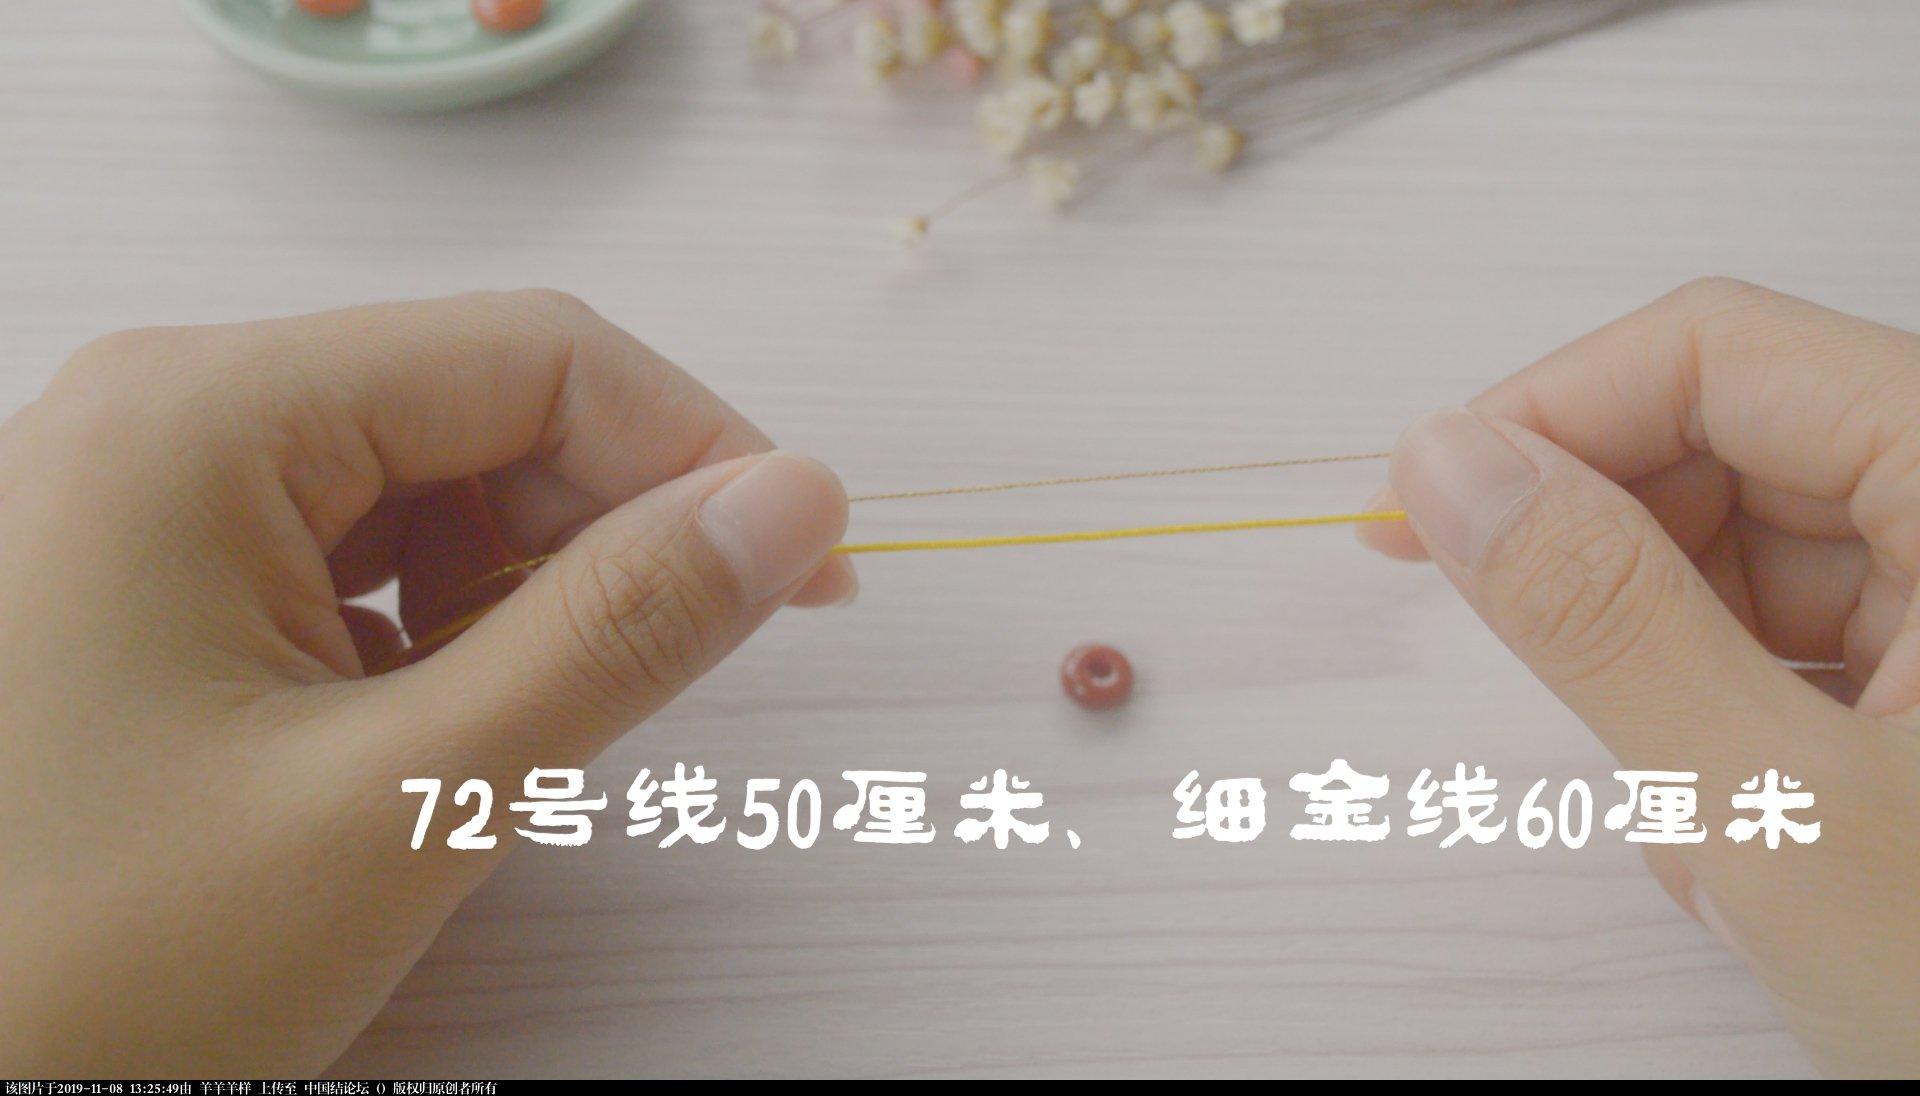 中国结论坛 冰花结只会用来做挂件?试试做一款属于自己的毛衣链,附视频教程  图文教程区 131748u1px2zx1futvpav2